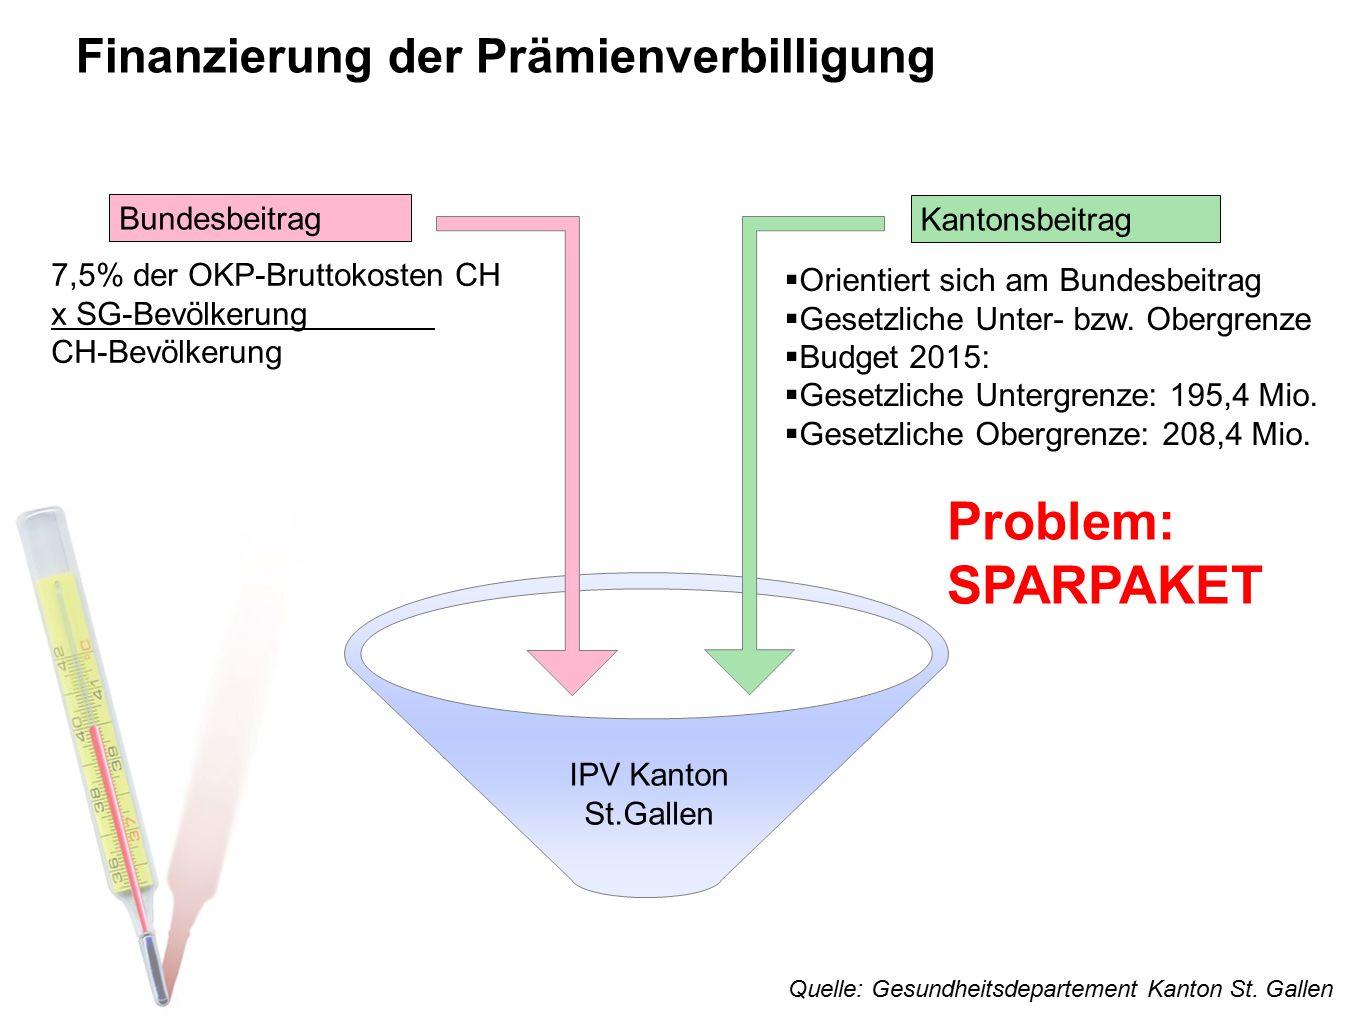 Finanzierung der Prämienverbilligung IPV Kanton St.Gallen Bundesbeitrag 7,5% der OKP-Bruttokosten CH x SG-Bevölkerung CH-Bevölkerung Kantonsbeitrag 